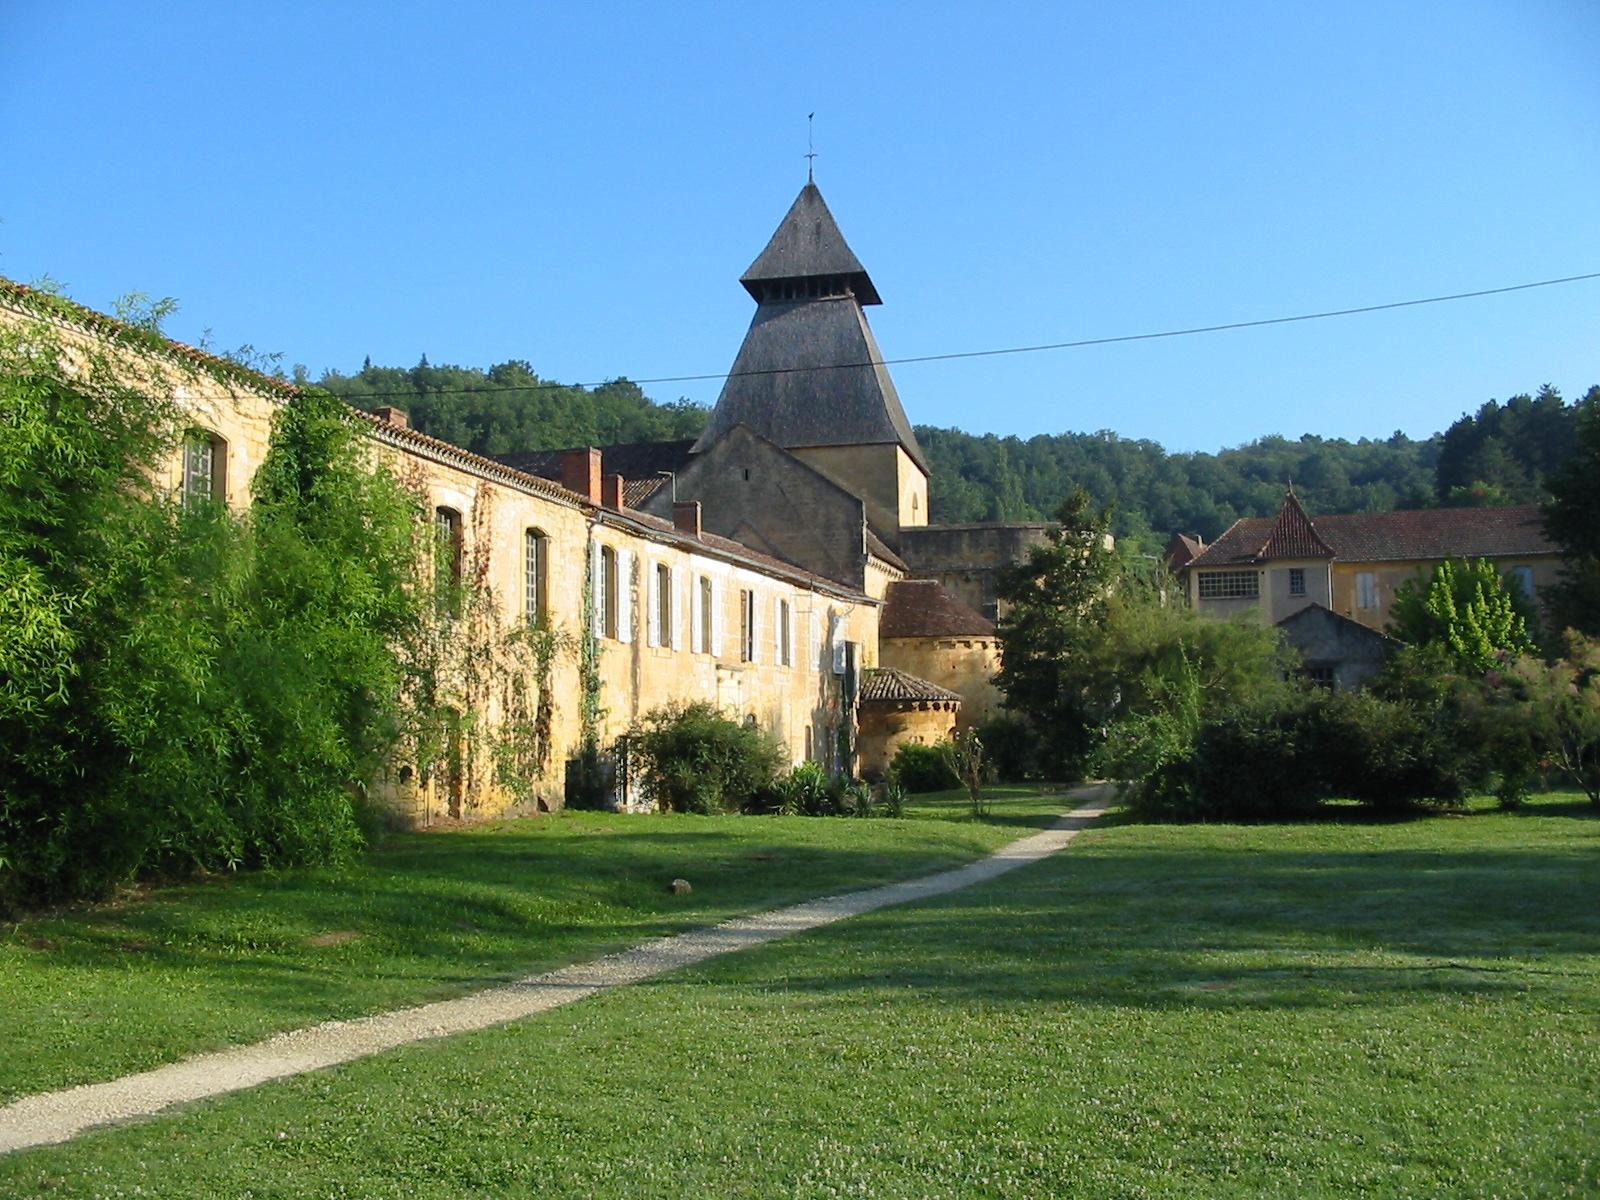 Cadouin France  city images : Fichier:Abbaye de Cadouin 2007 08 03 — Wikipédia